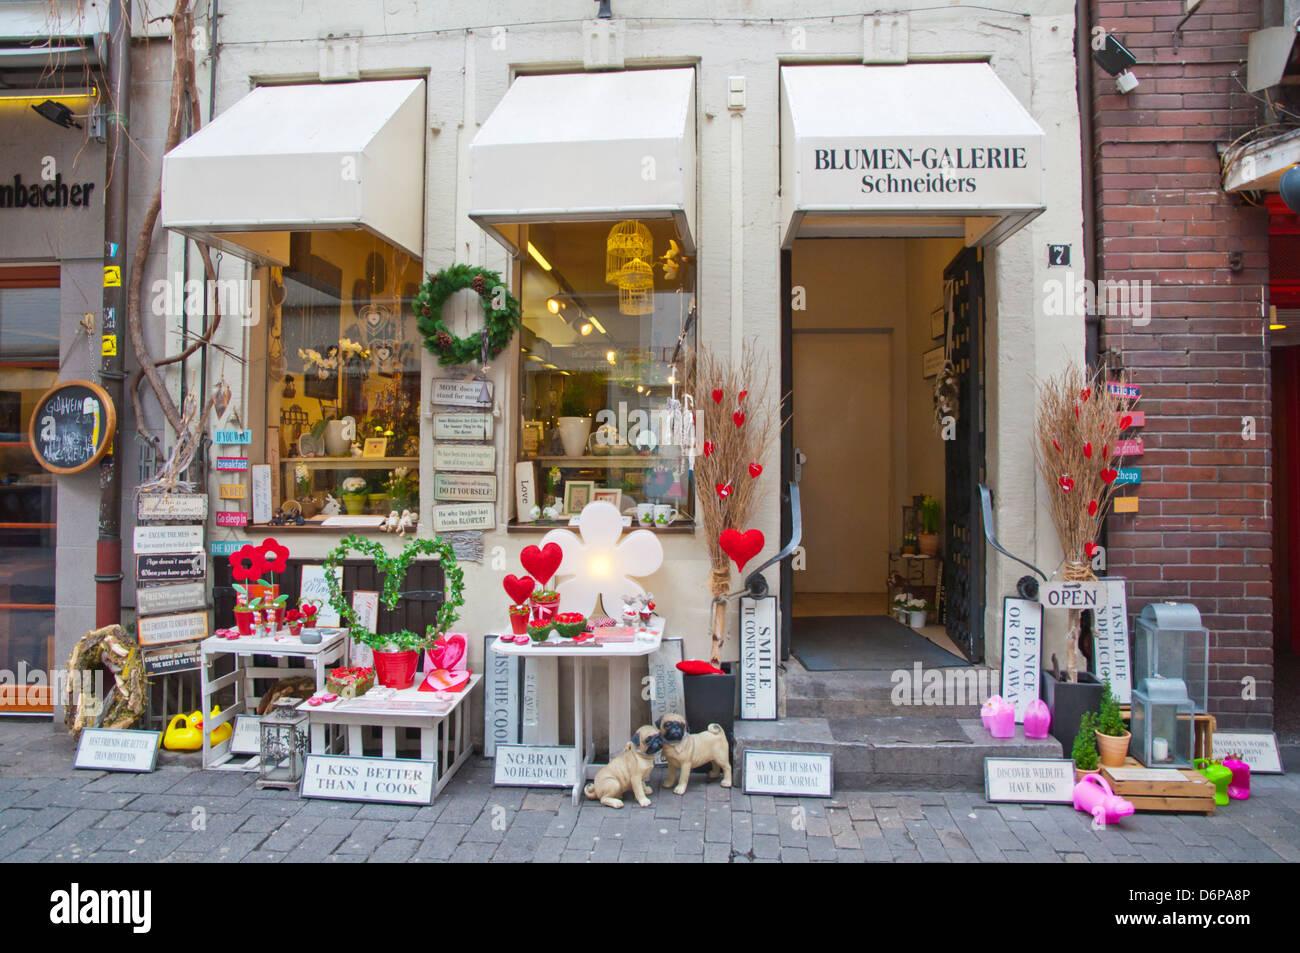 Blumen galerie schneiders flower and interior design shop for Design shop deutschland